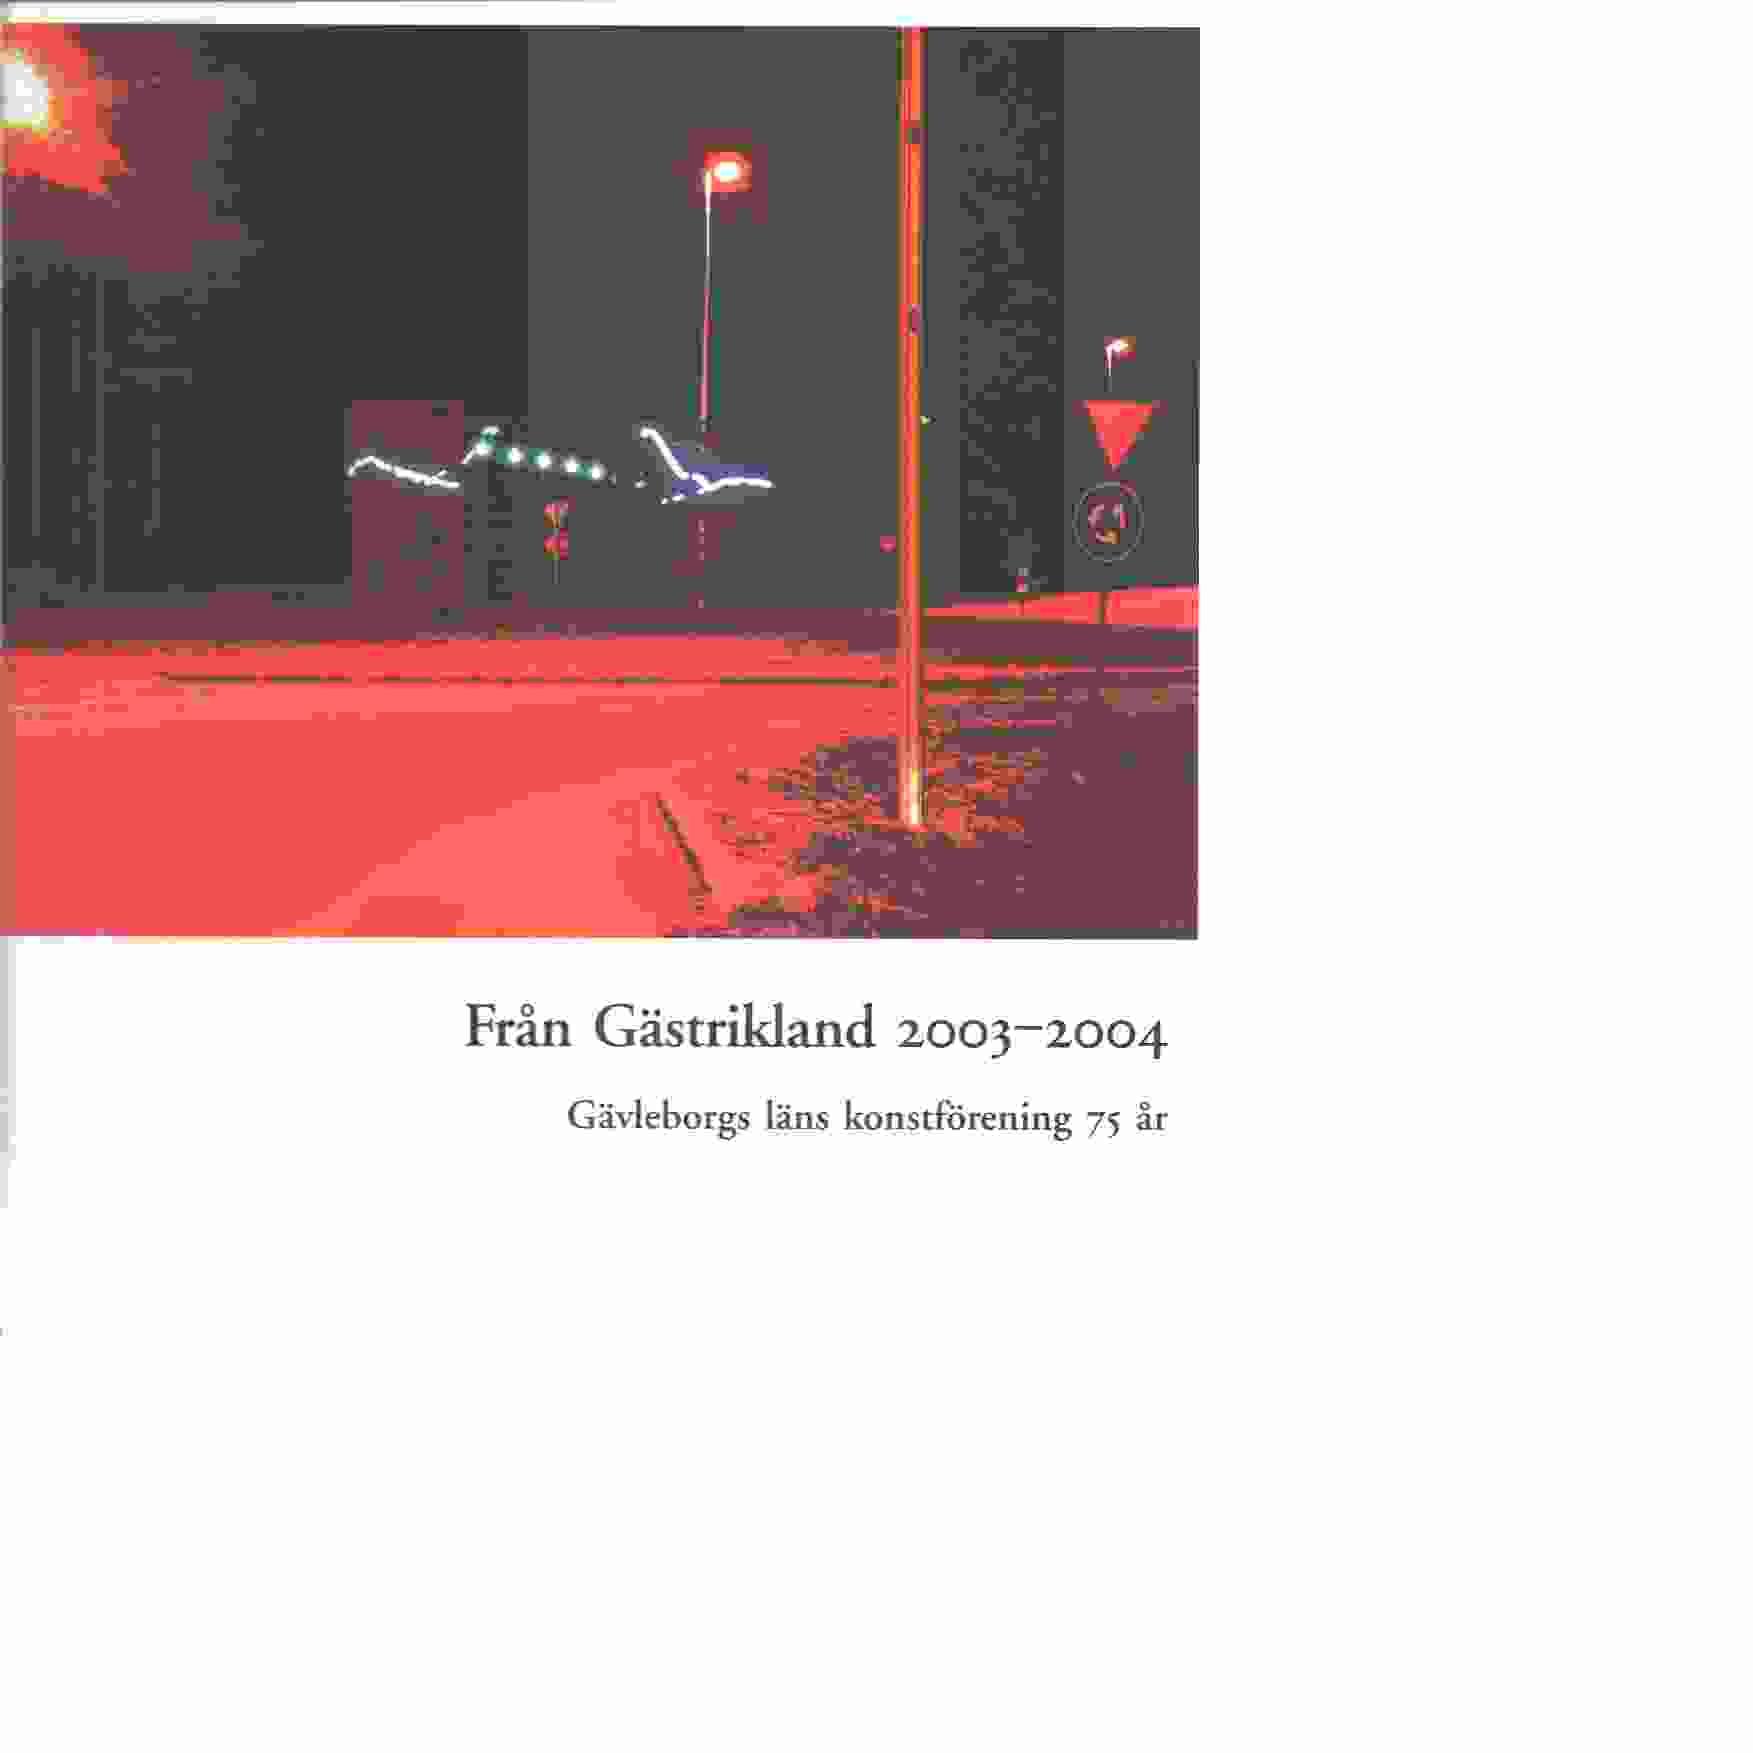 Från Gästrikland 2003-2004: Gävleborgs länskonstförening 75 år - Red. Gästriklands kulturhistoriska förening